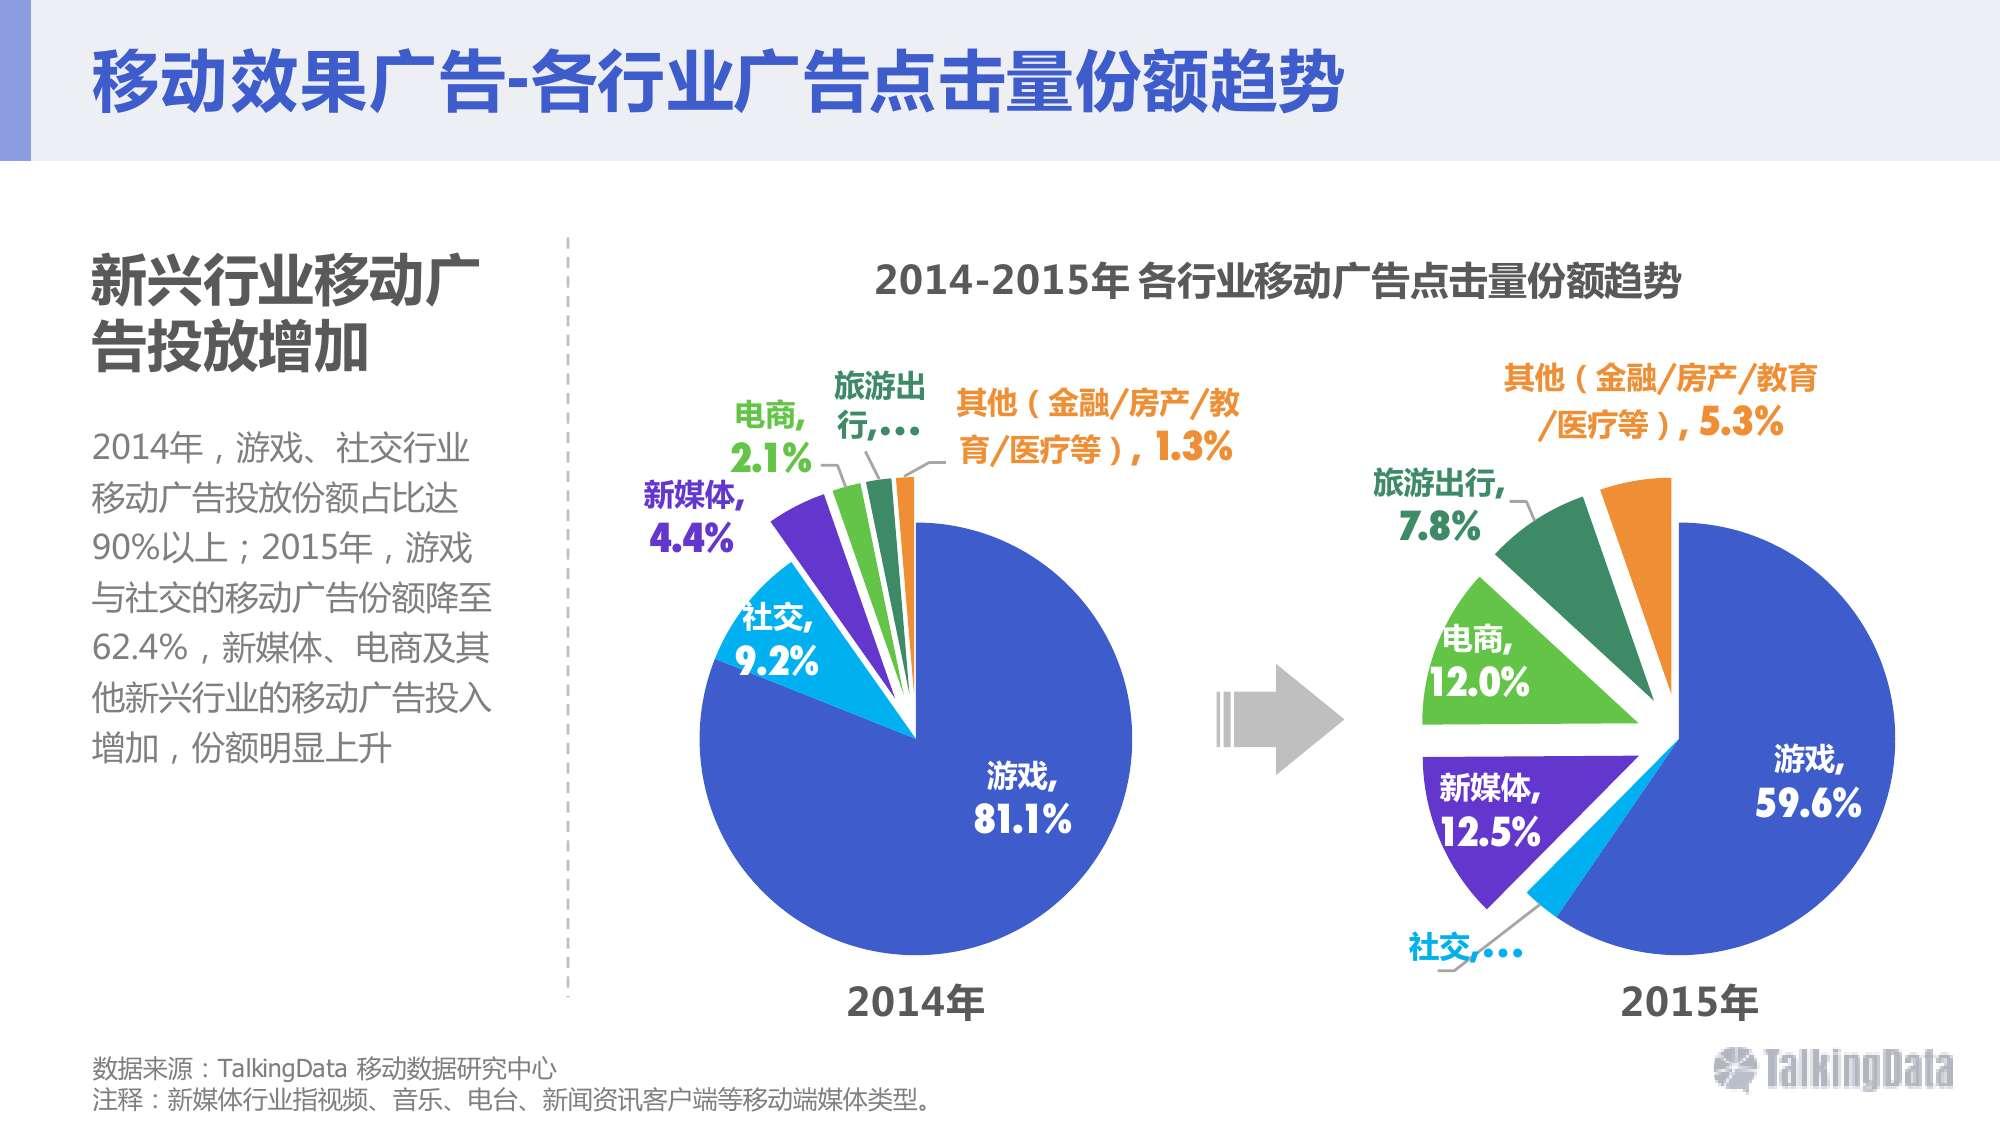 2015年移动广告行业报告_000017